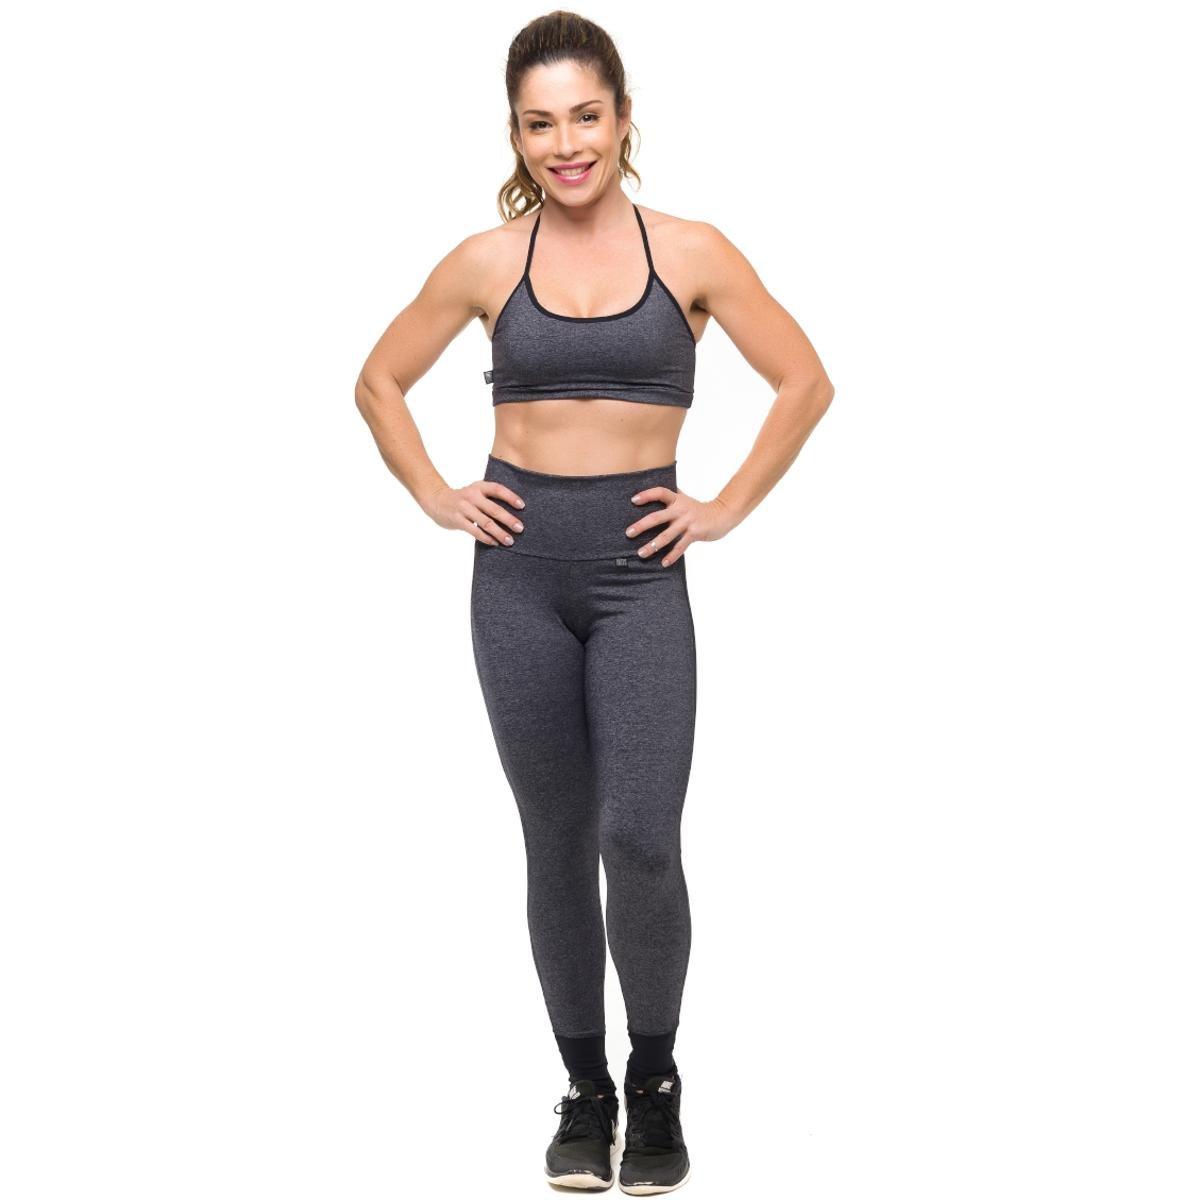 e Air Sandy Top Fit Chumbo Solar Feminino Com Conjunto Legging Proteção Preto Fitness PU5qqw6